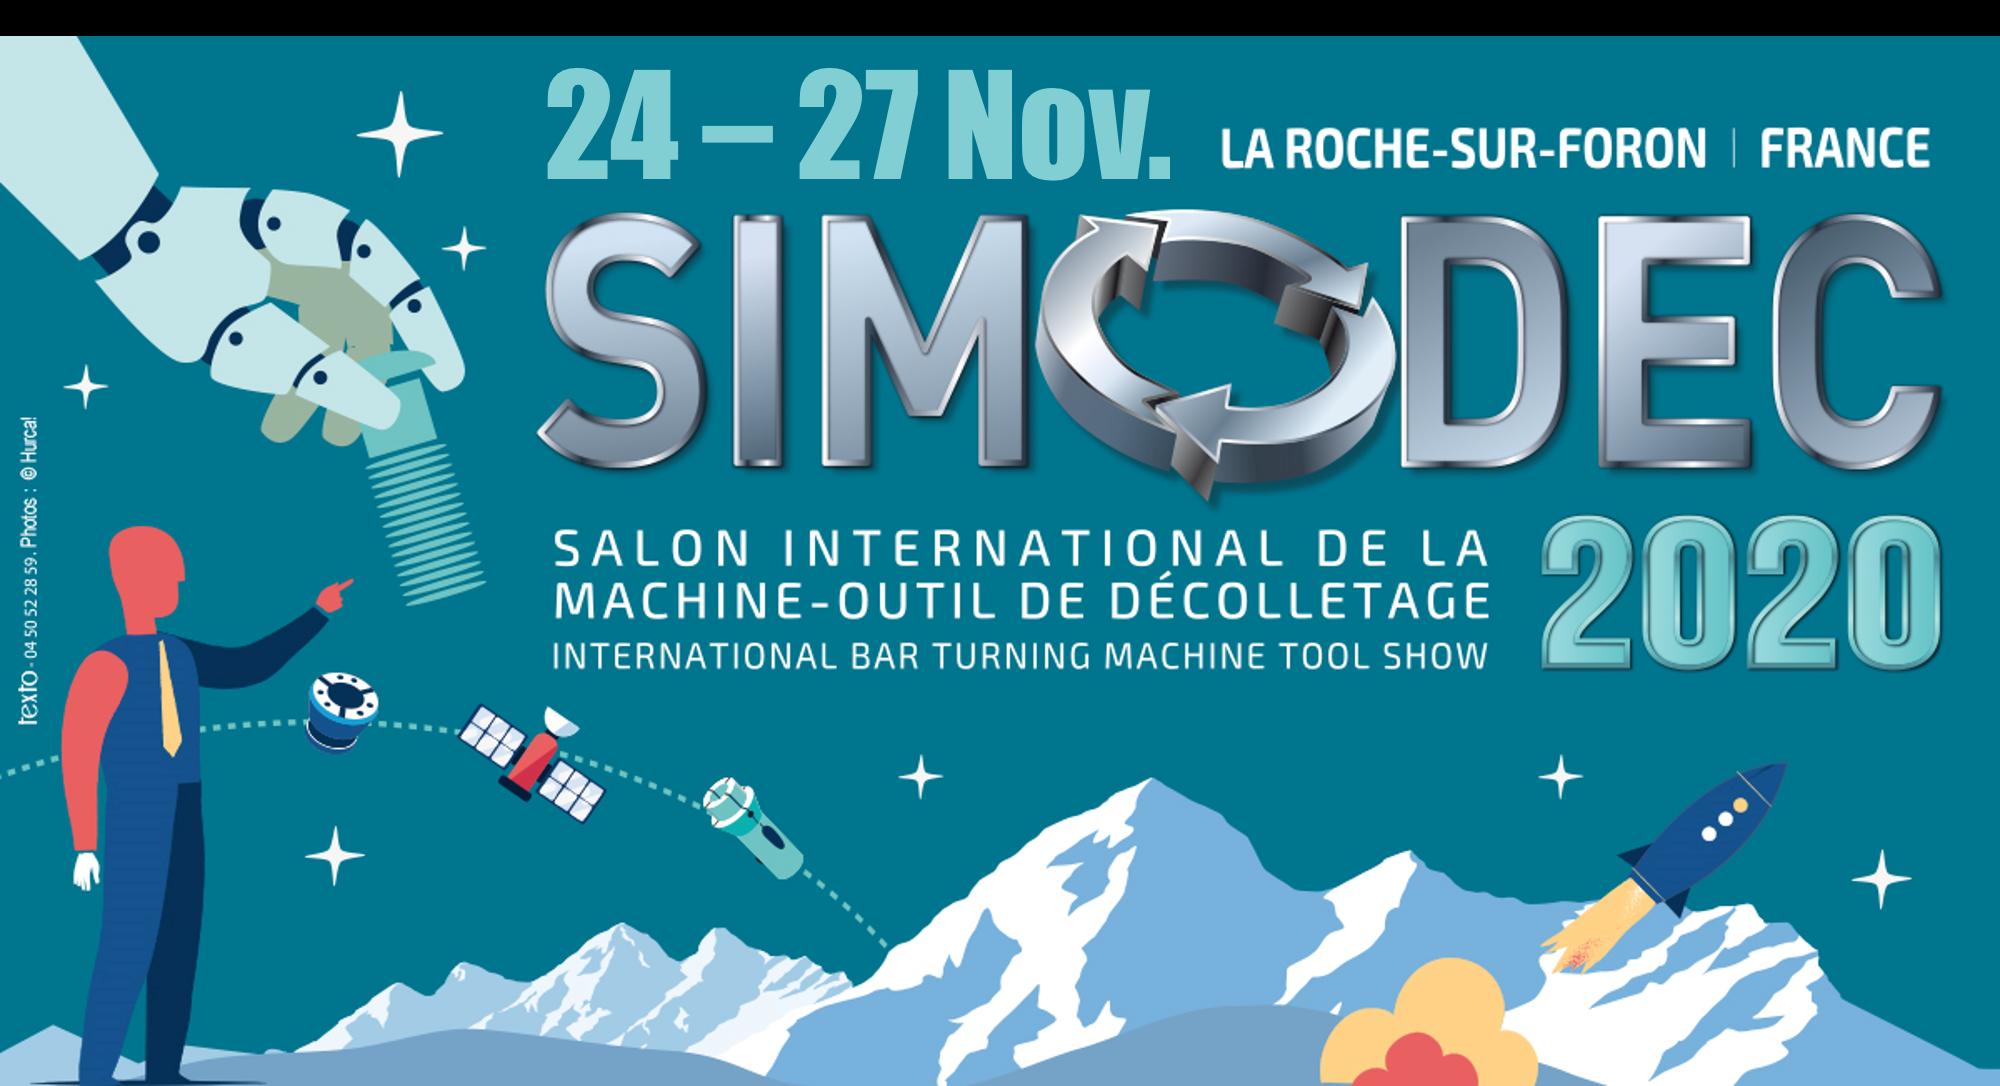 SIMODEC 2020 Reporté